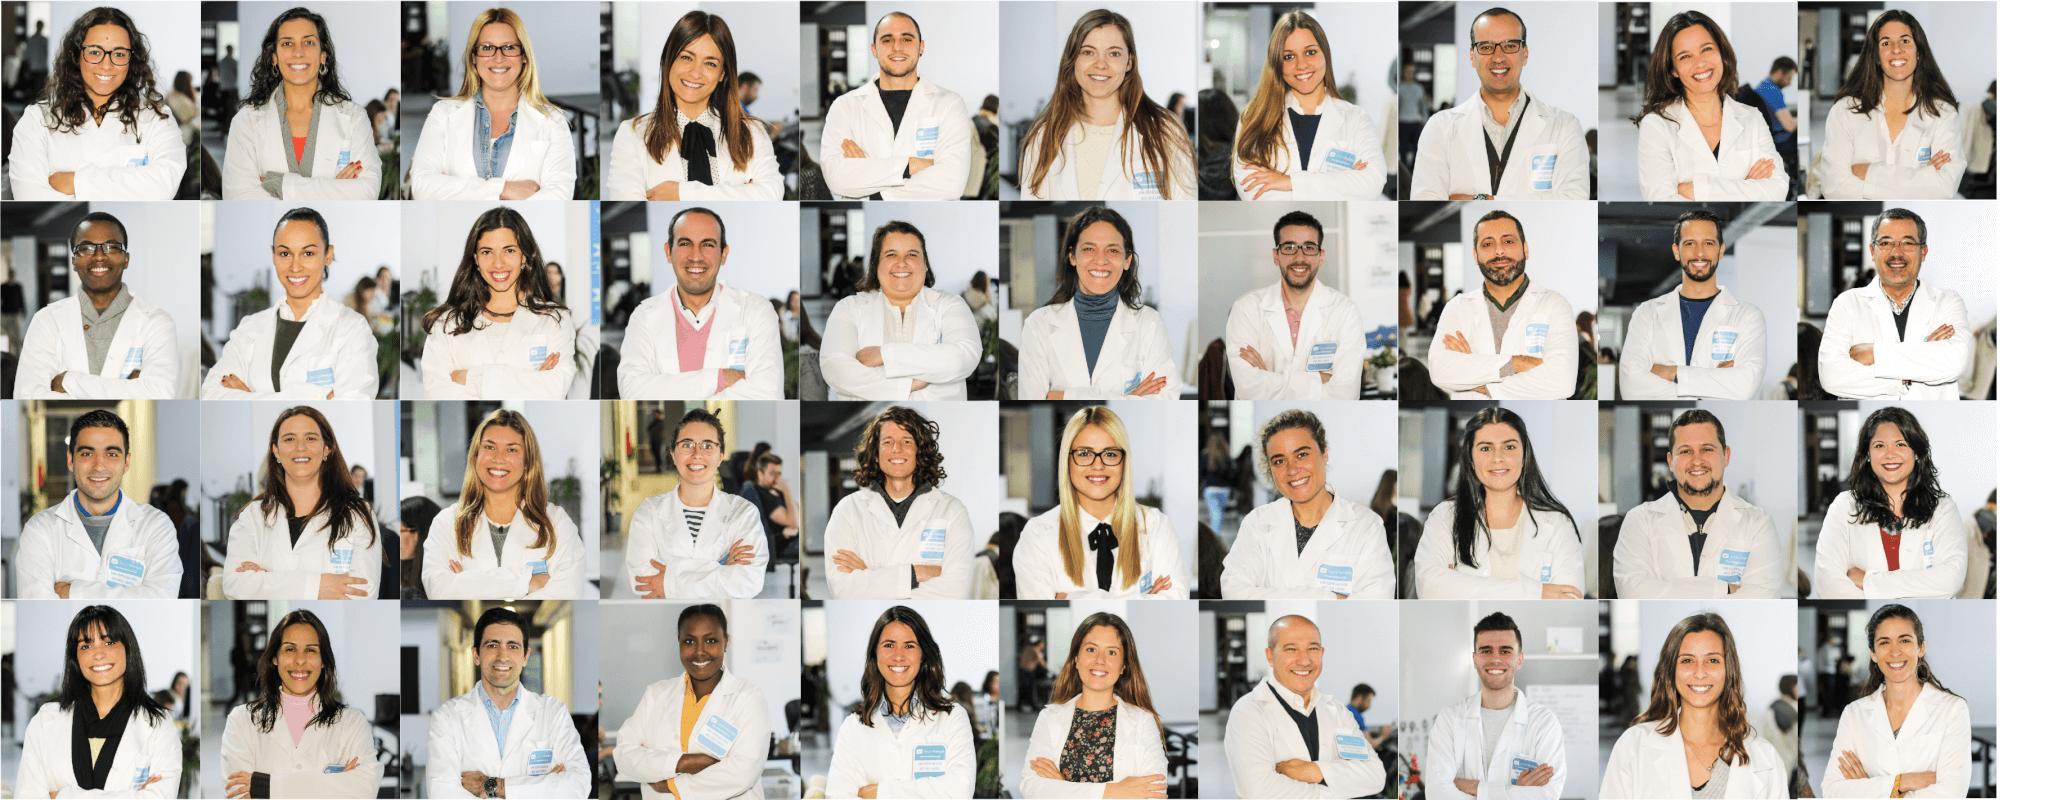 imagem de vários doutores do doutor finanças